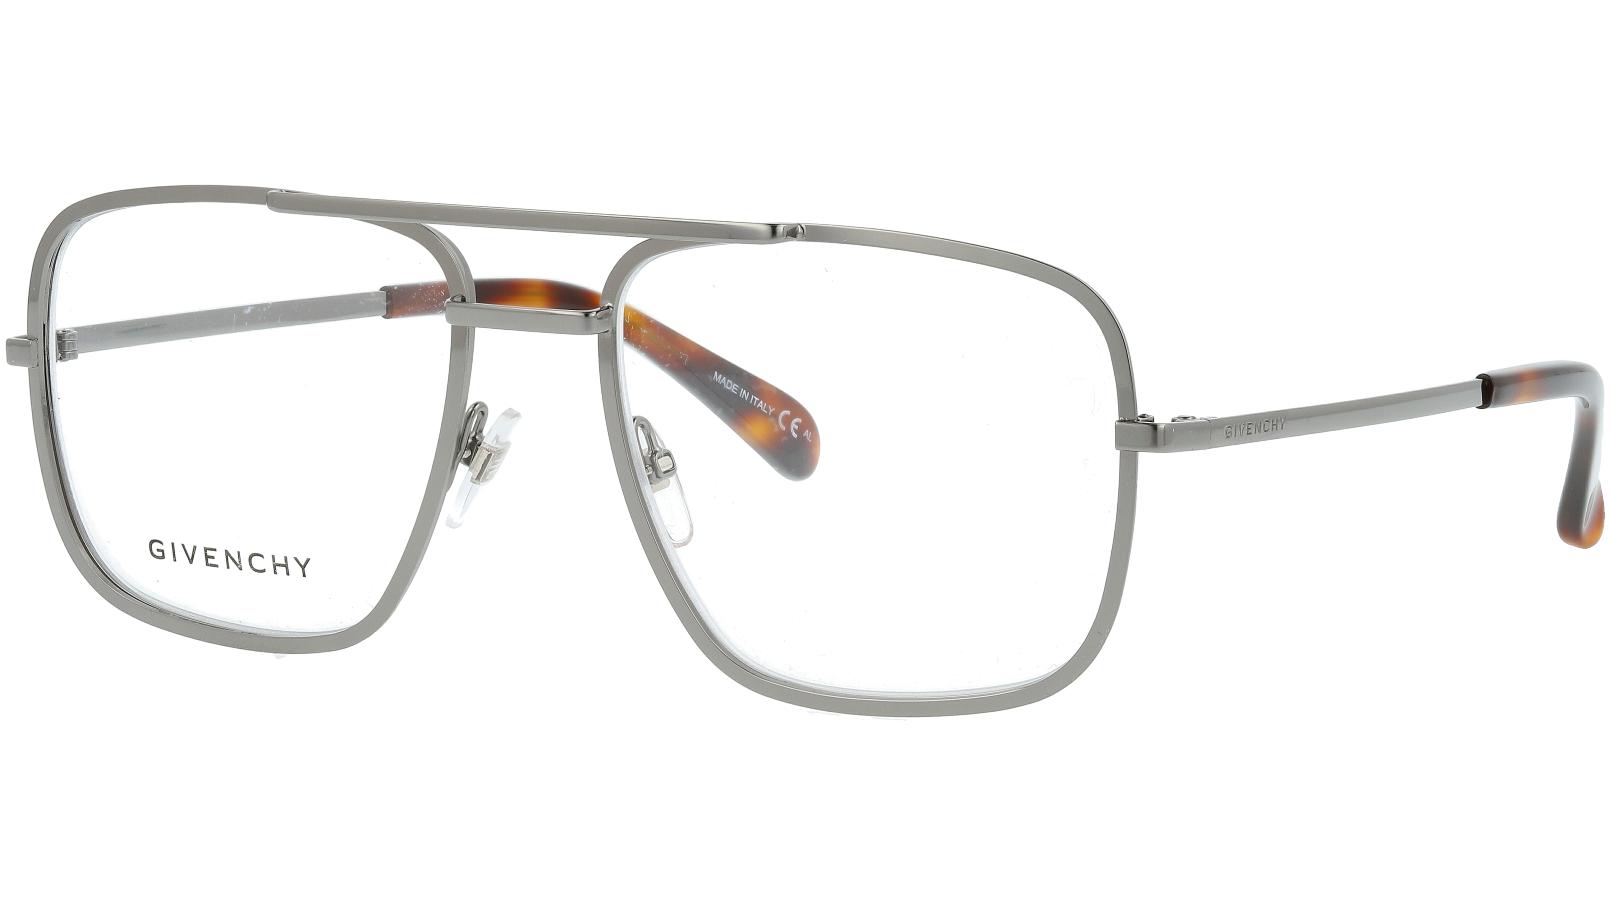 Givenchy GV0098 KJ1 56 Dark Glasses